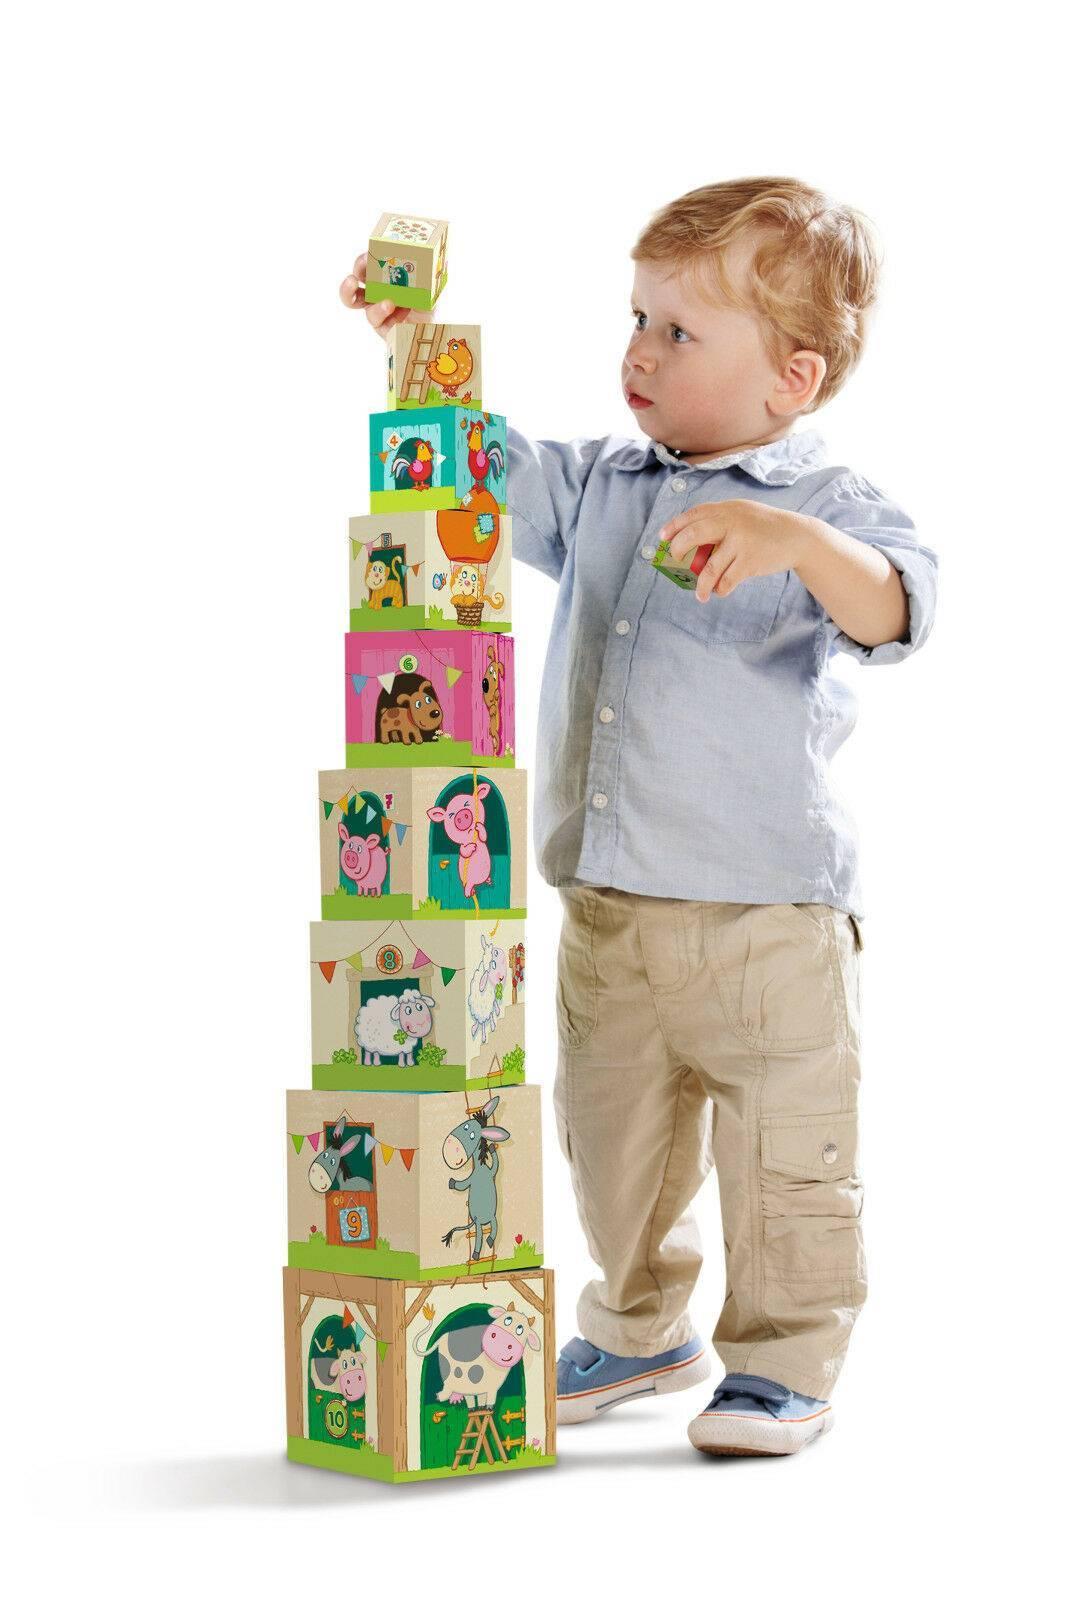 Что подарить мальчику на 3 года - 67 фото идей подарков для трехлетних мальчиков